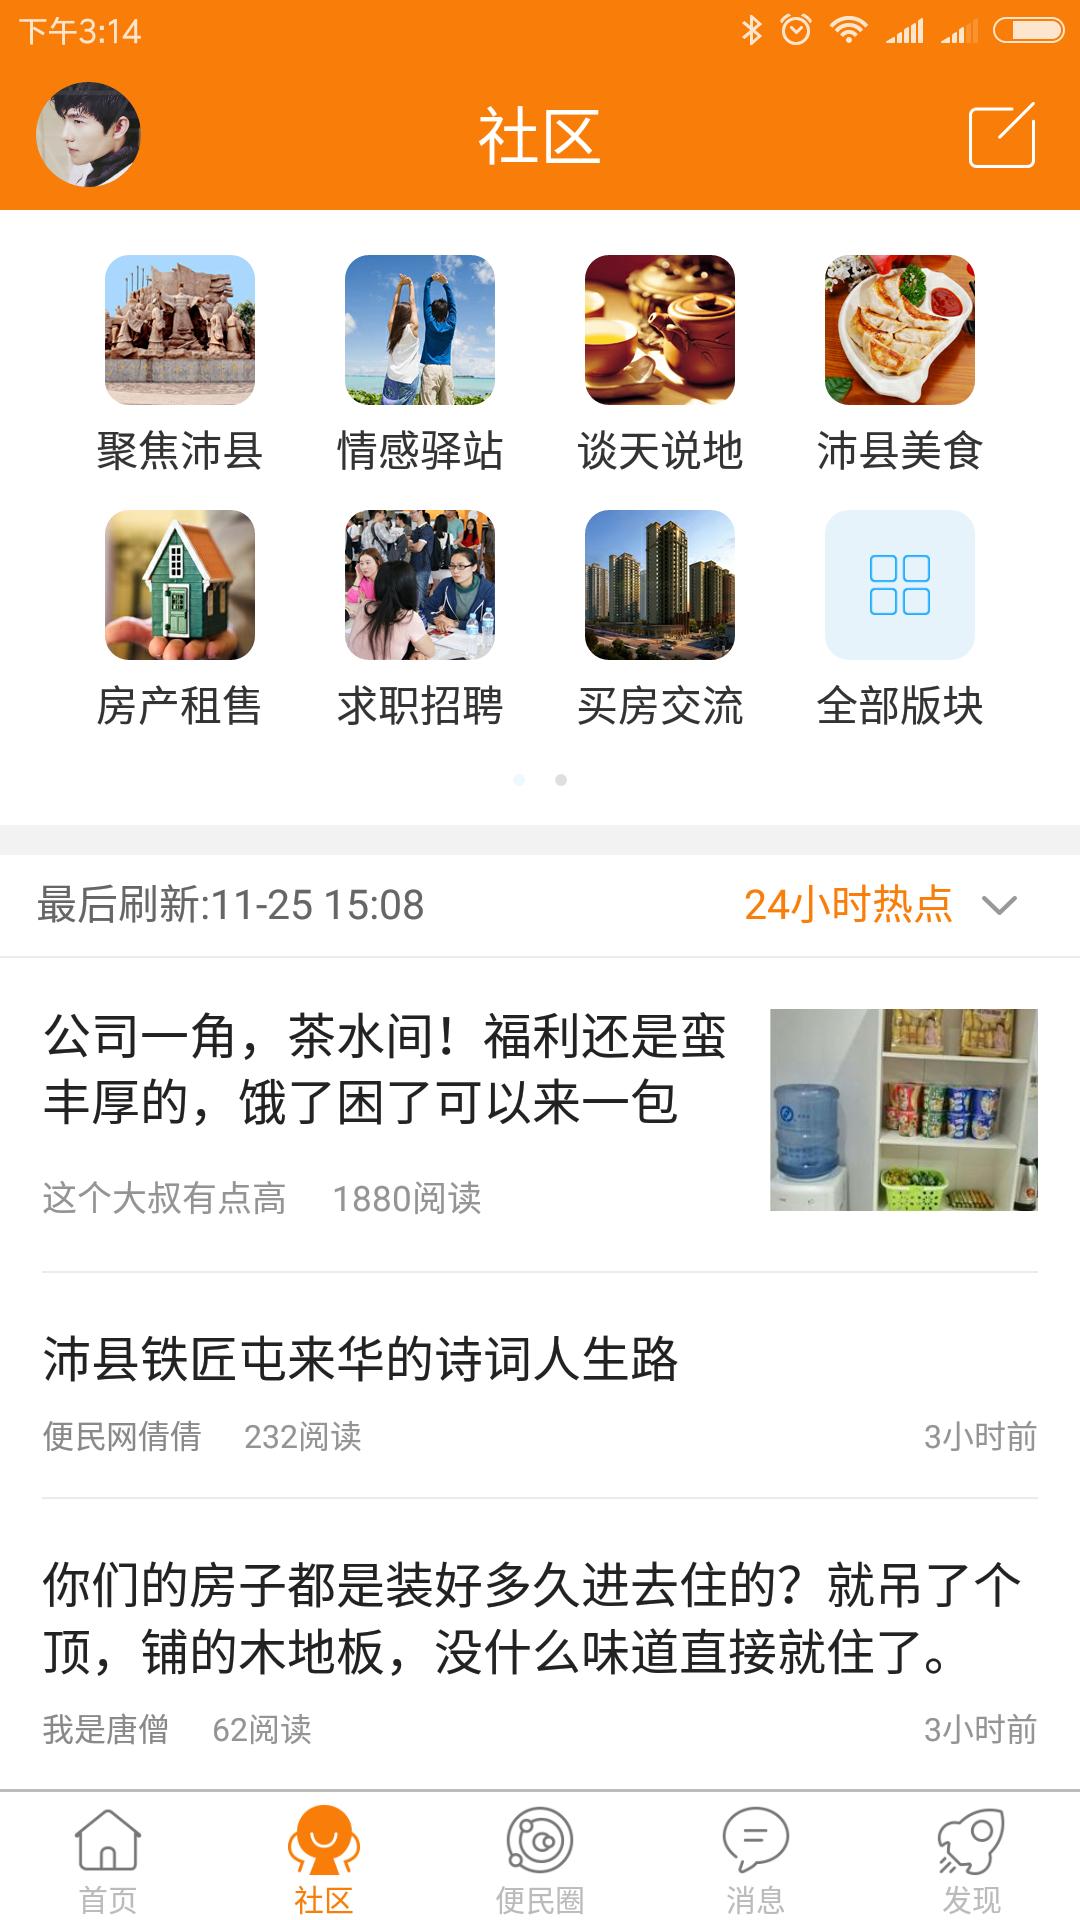 沛县便民网